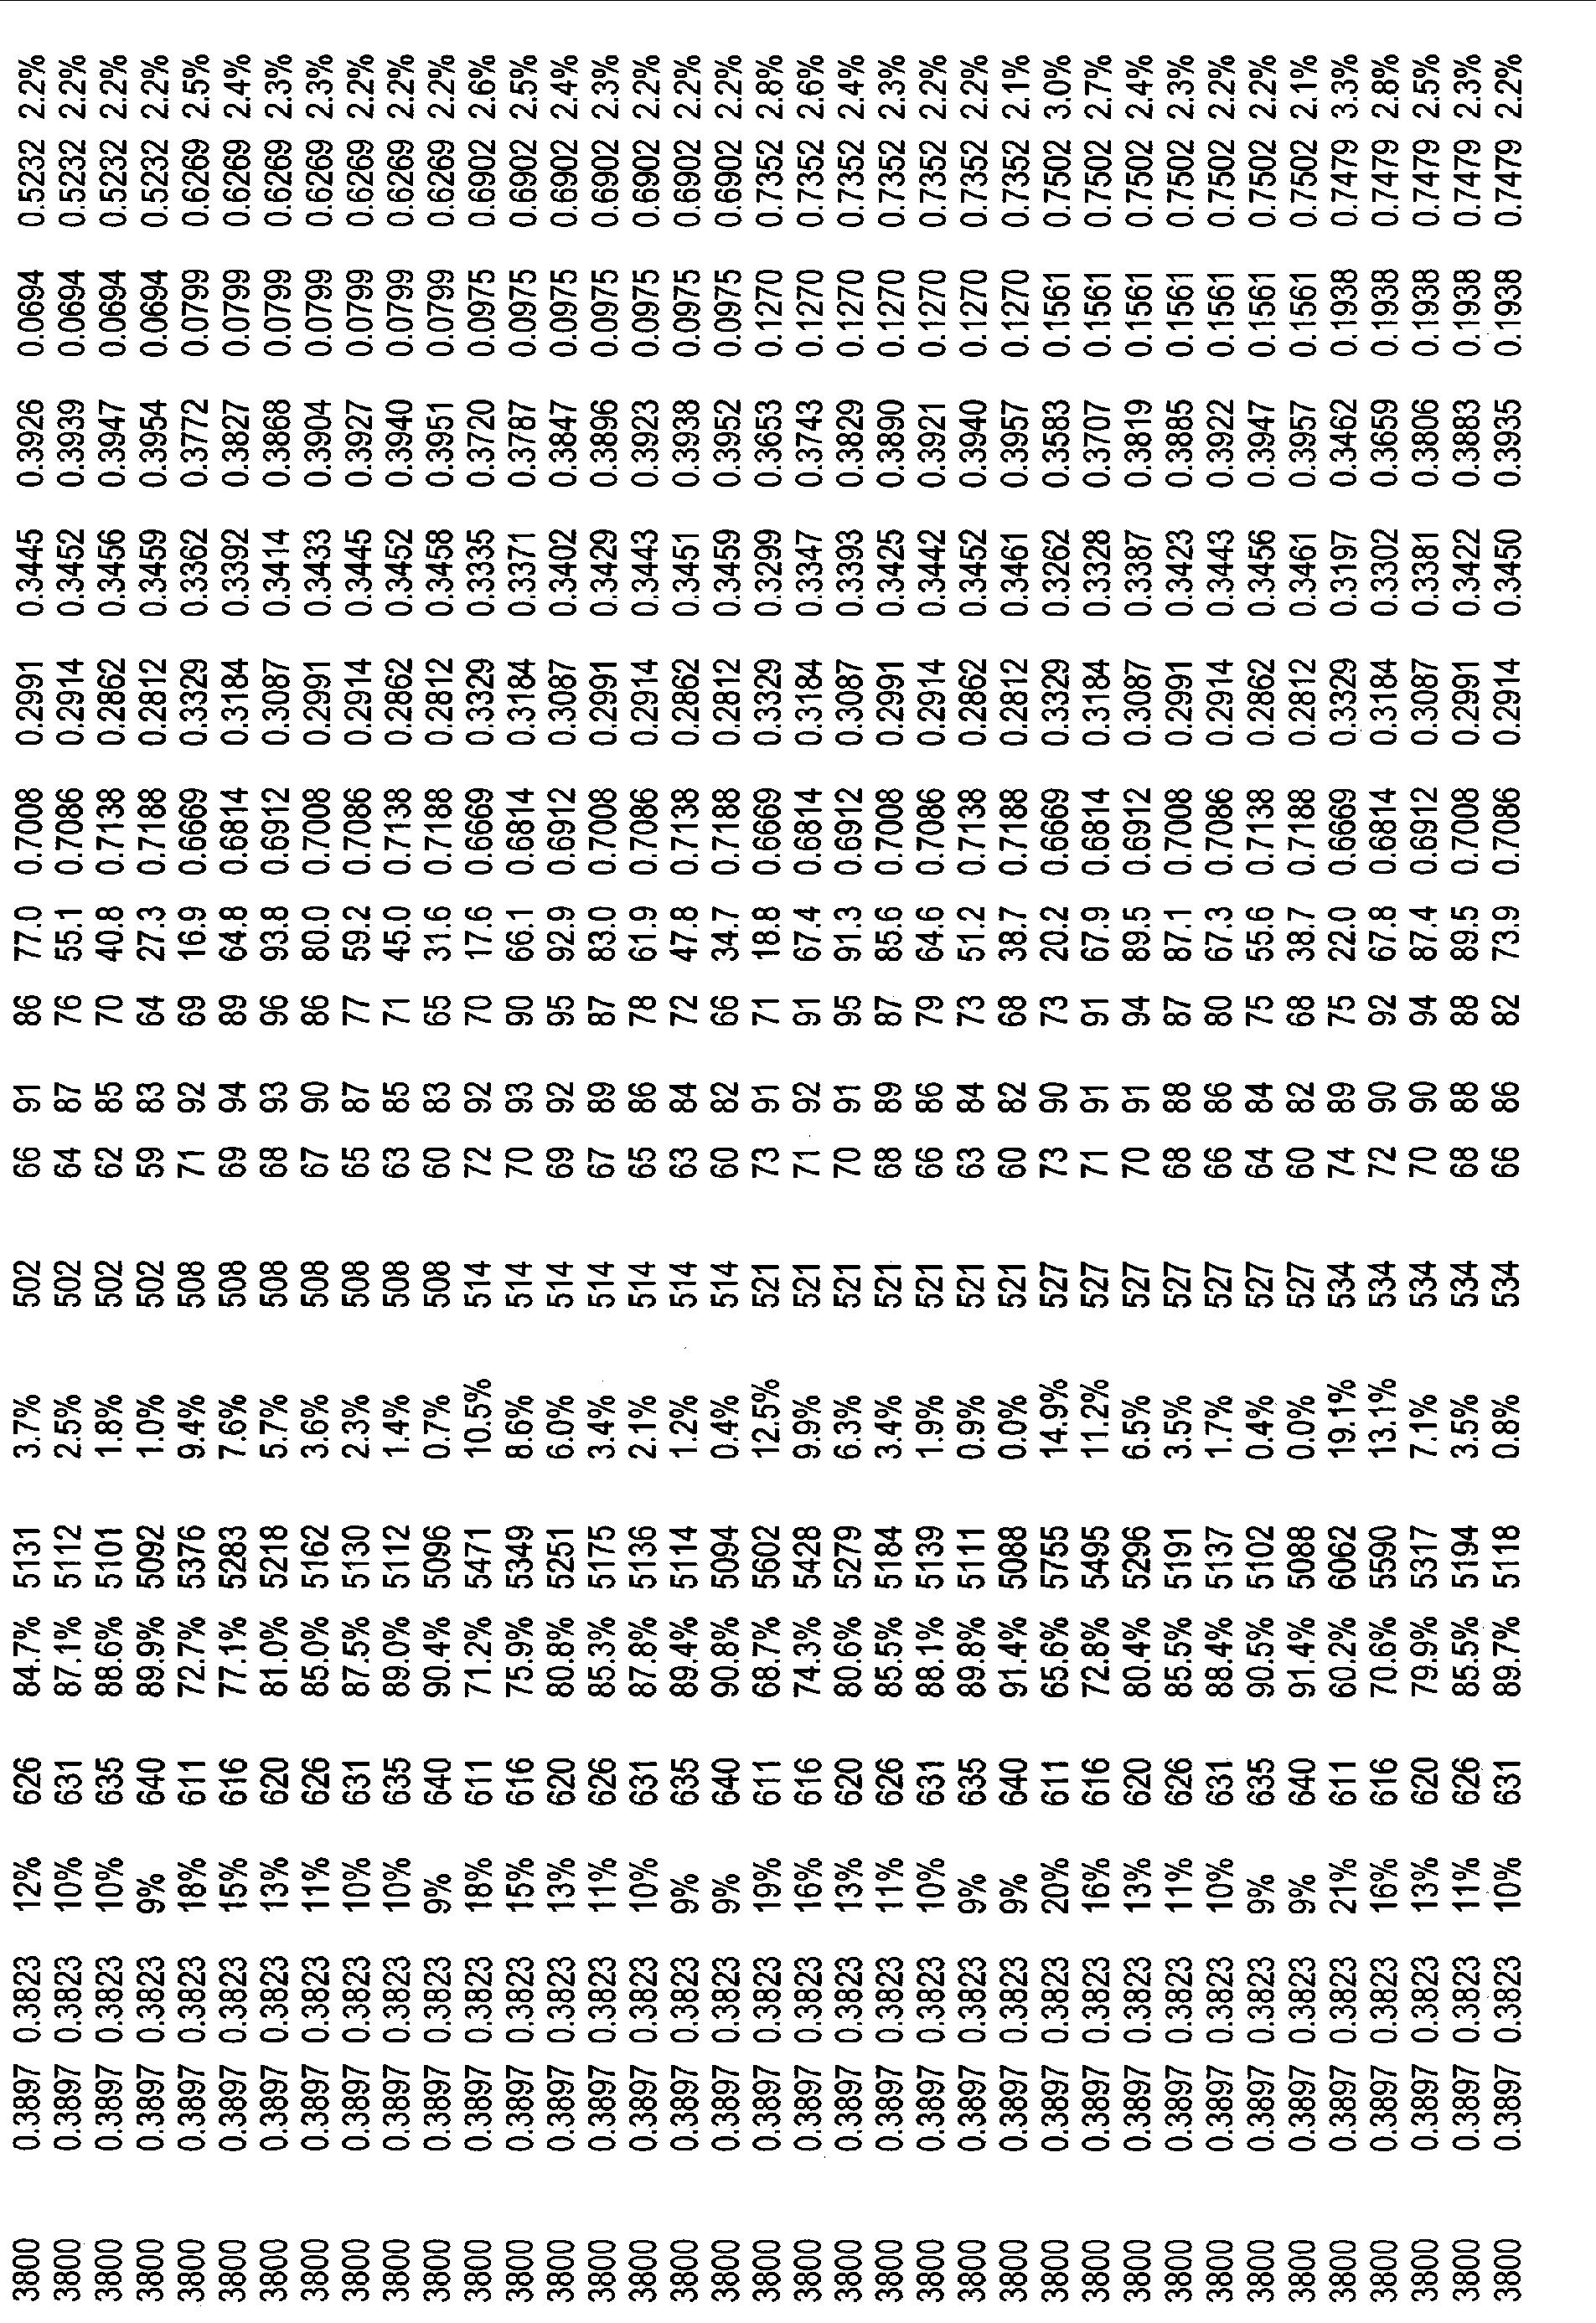 Figure CN101821544BD00971